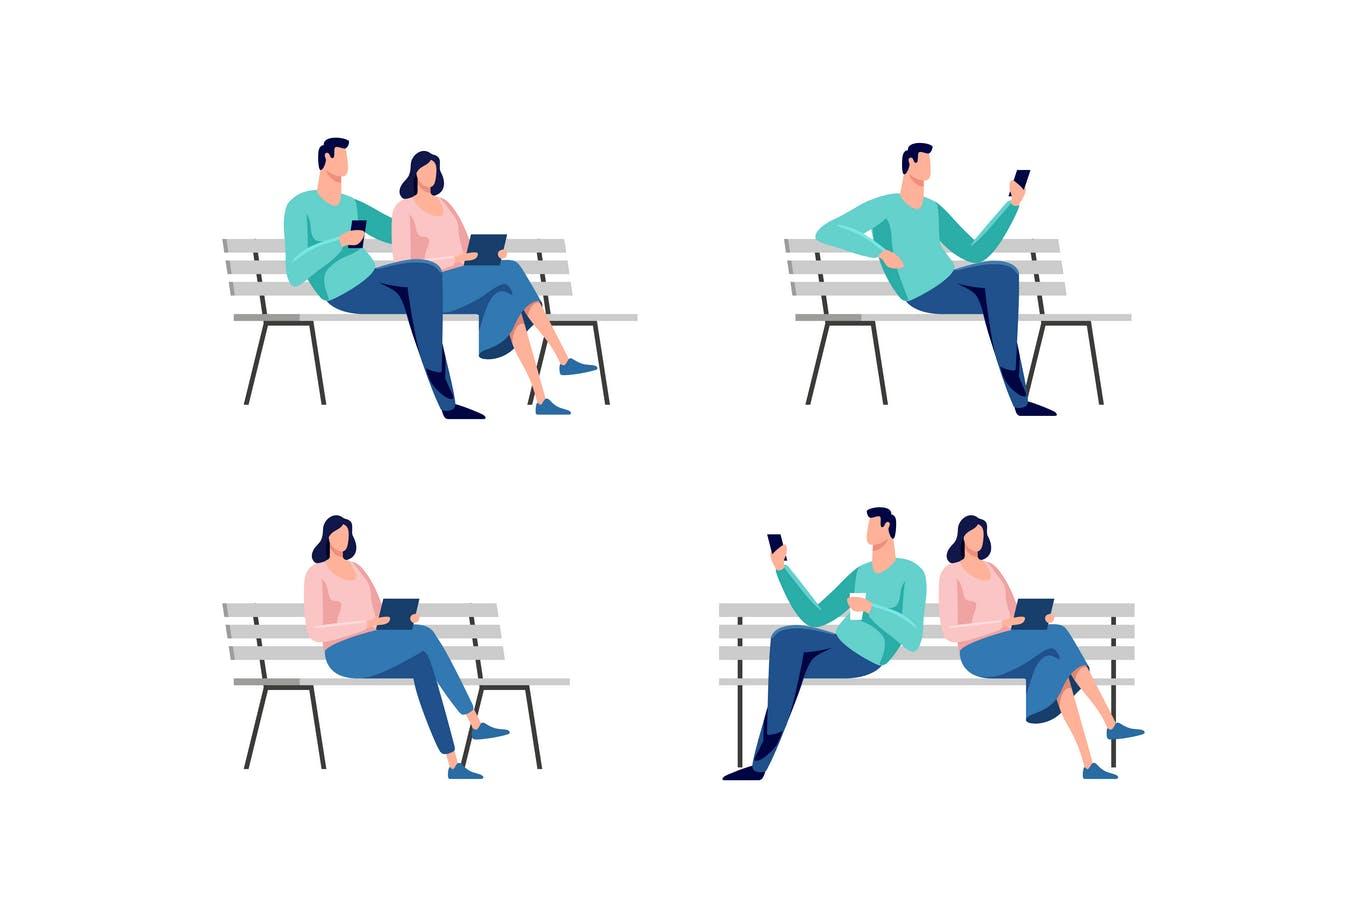 坐在椅子上的人